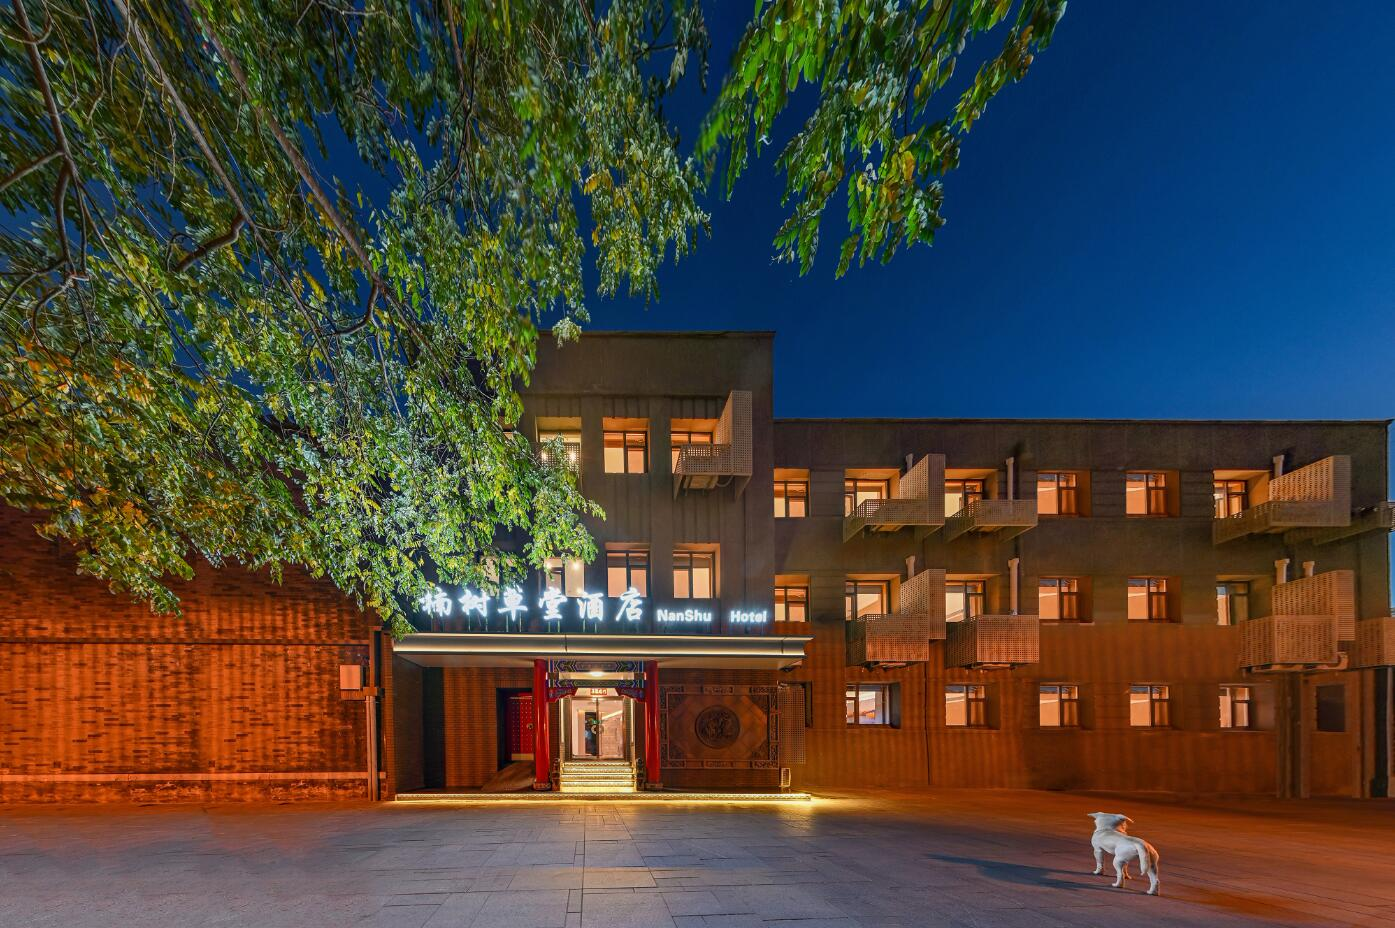 楠树草堂酒店智能化升级,让高质量人文关怀大放异彩